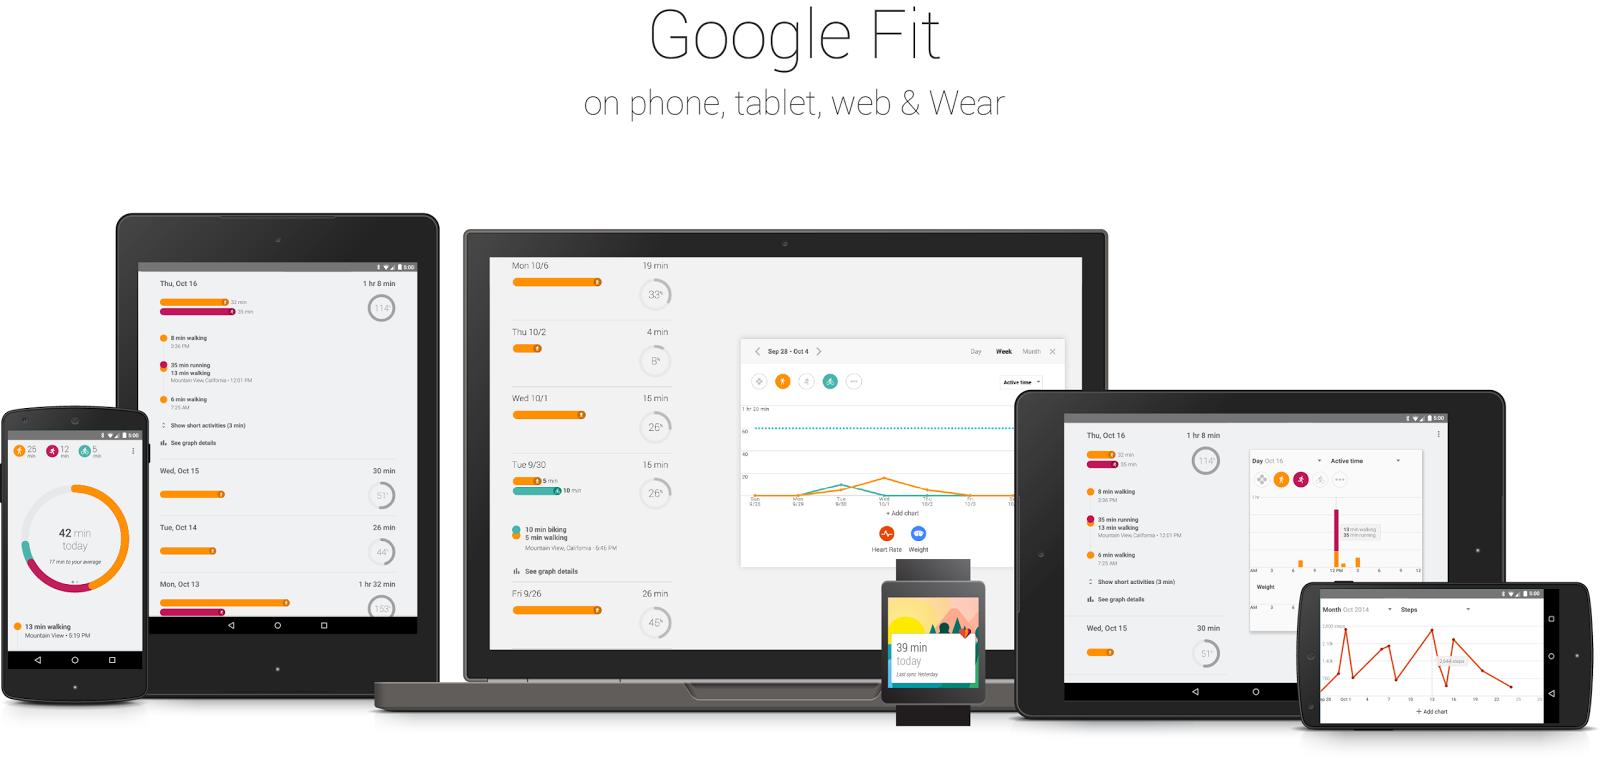 Приложения, которые отправляют статистику в Google Fit - 1